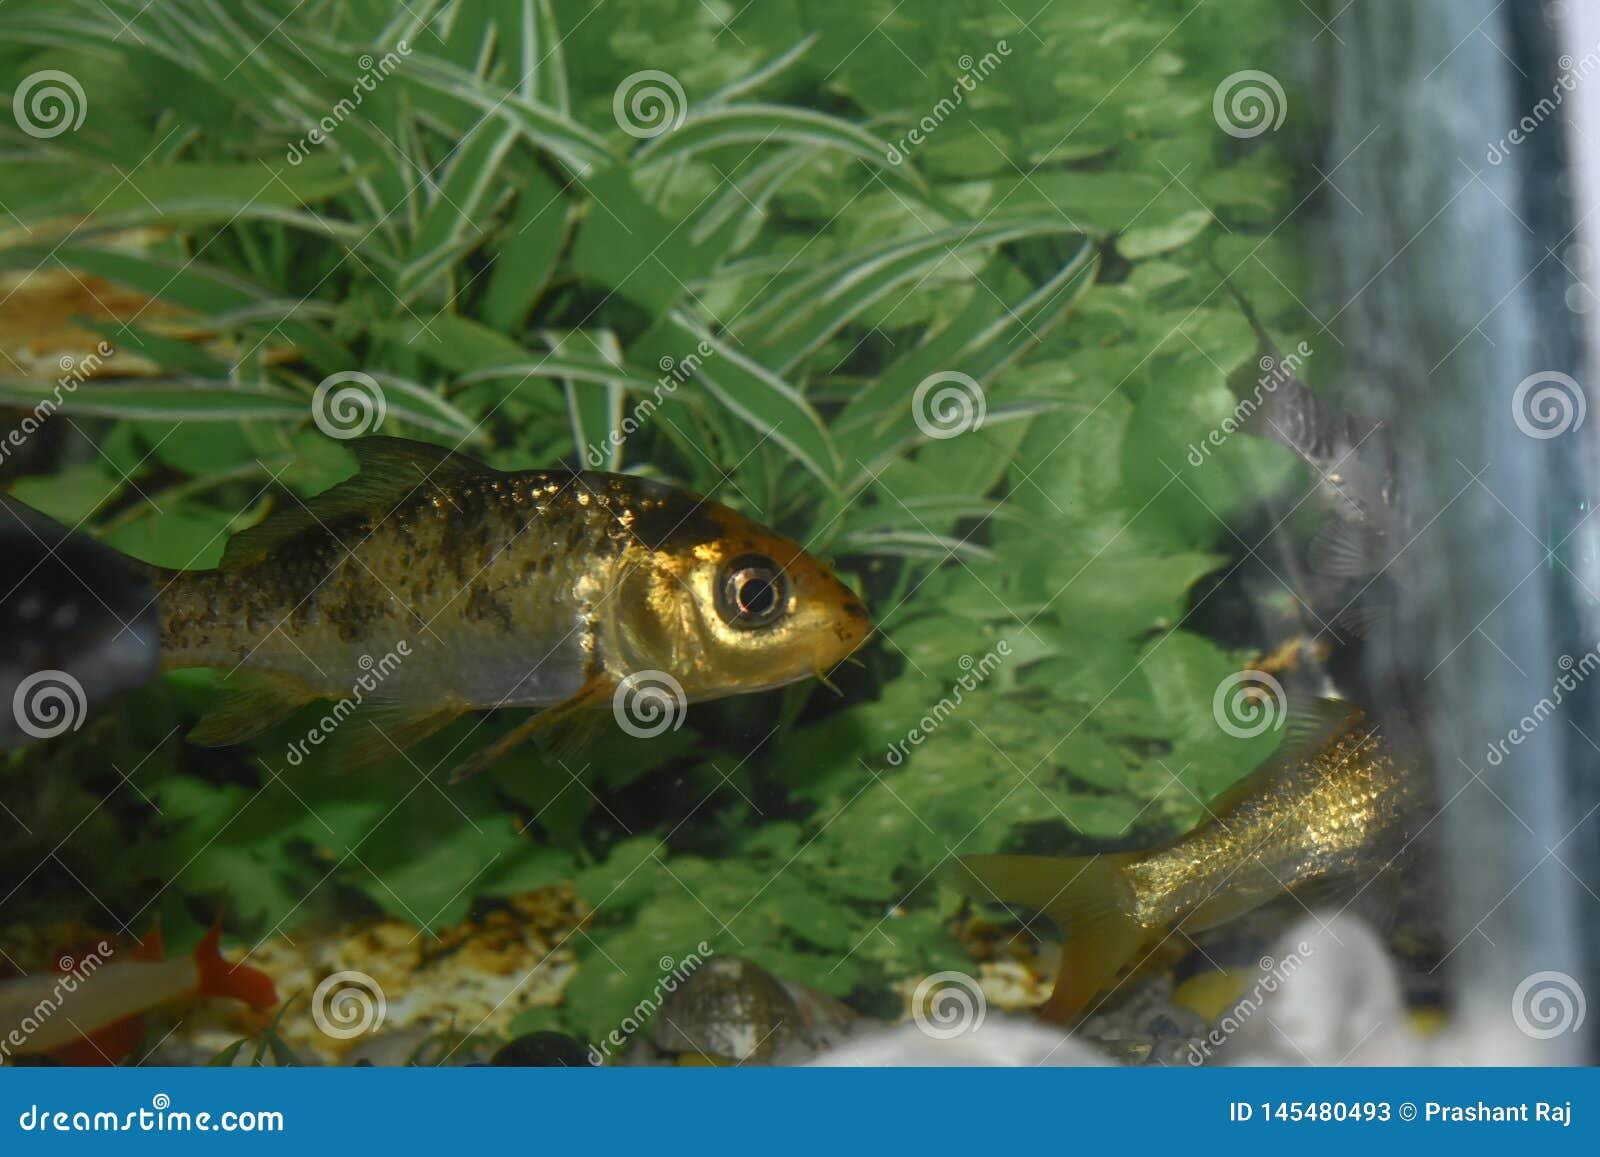 Fish near green grass